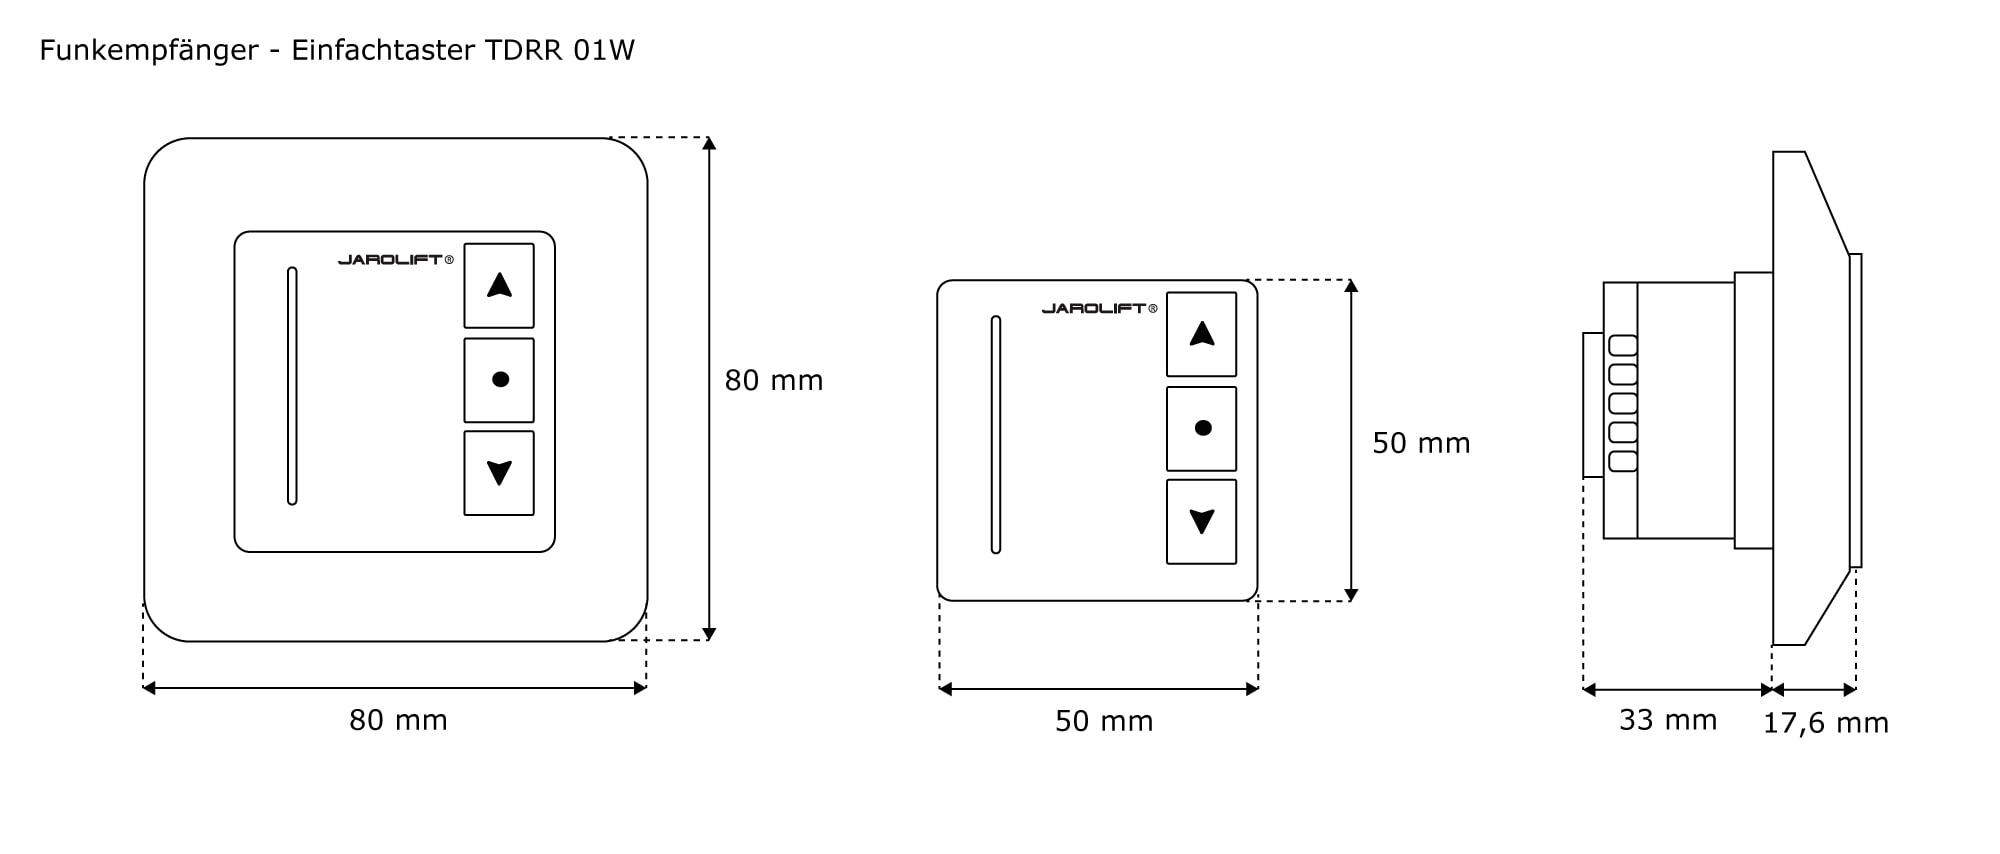 jarolift funkempf nger mit tastfunktion einfachtaster. Black Bedroom Furniture Sets. Home Design Ideas